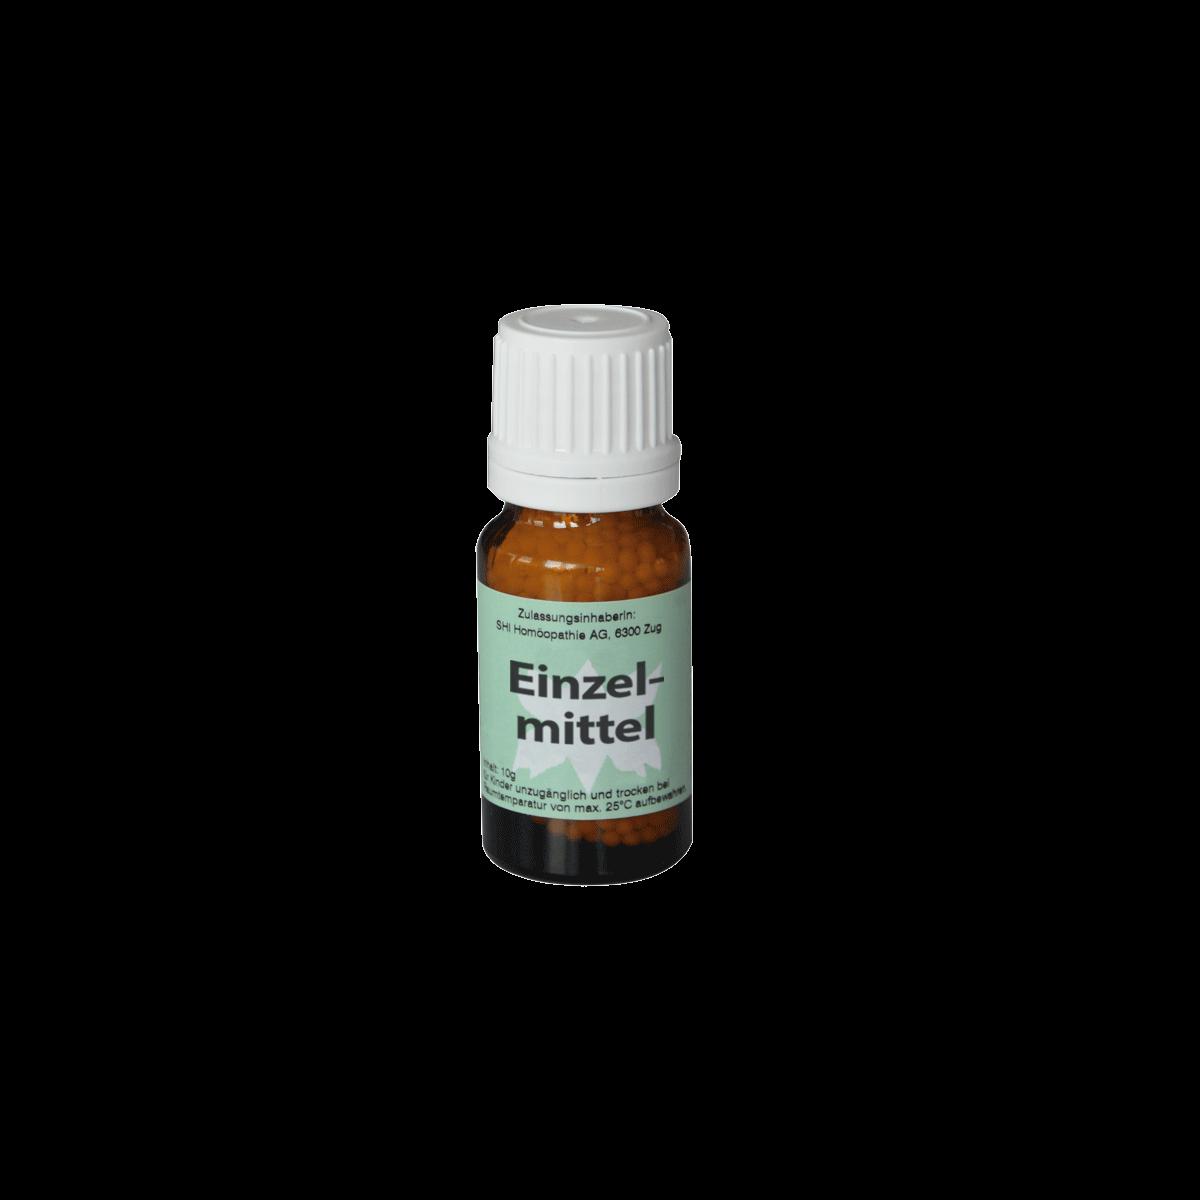 Antimonium arsenicosum